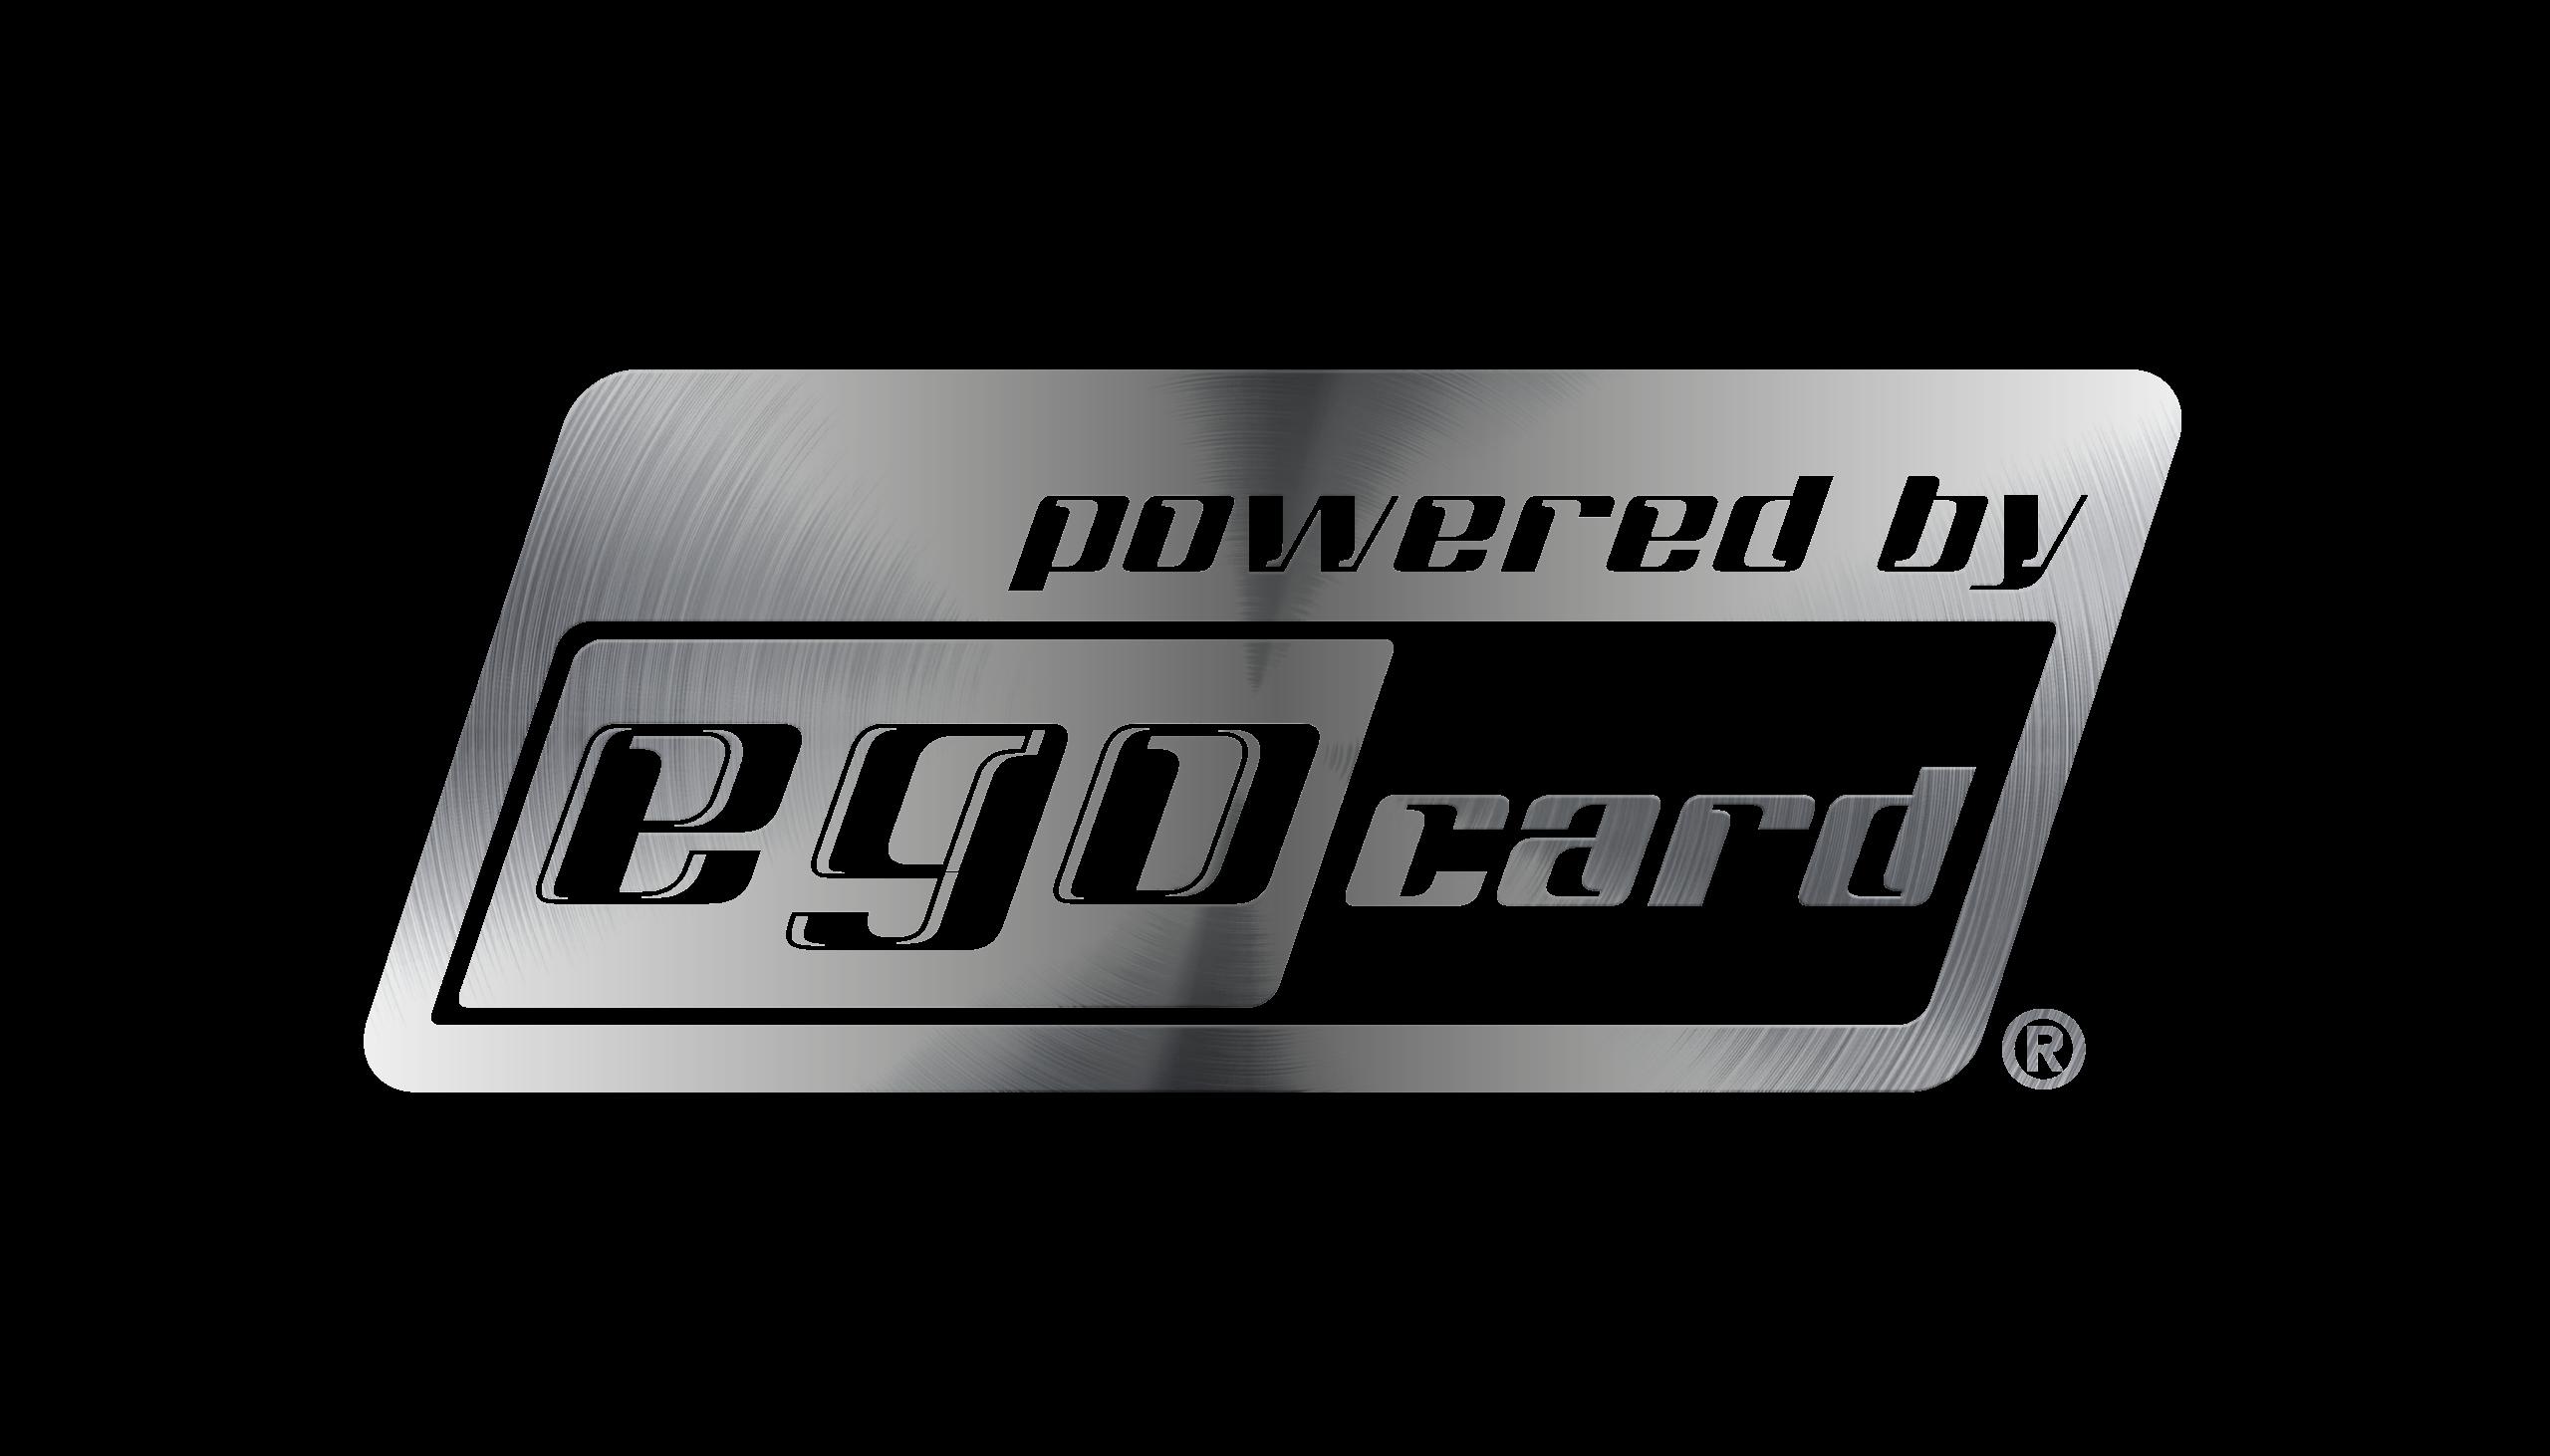 egocard_logo_dark_rRD